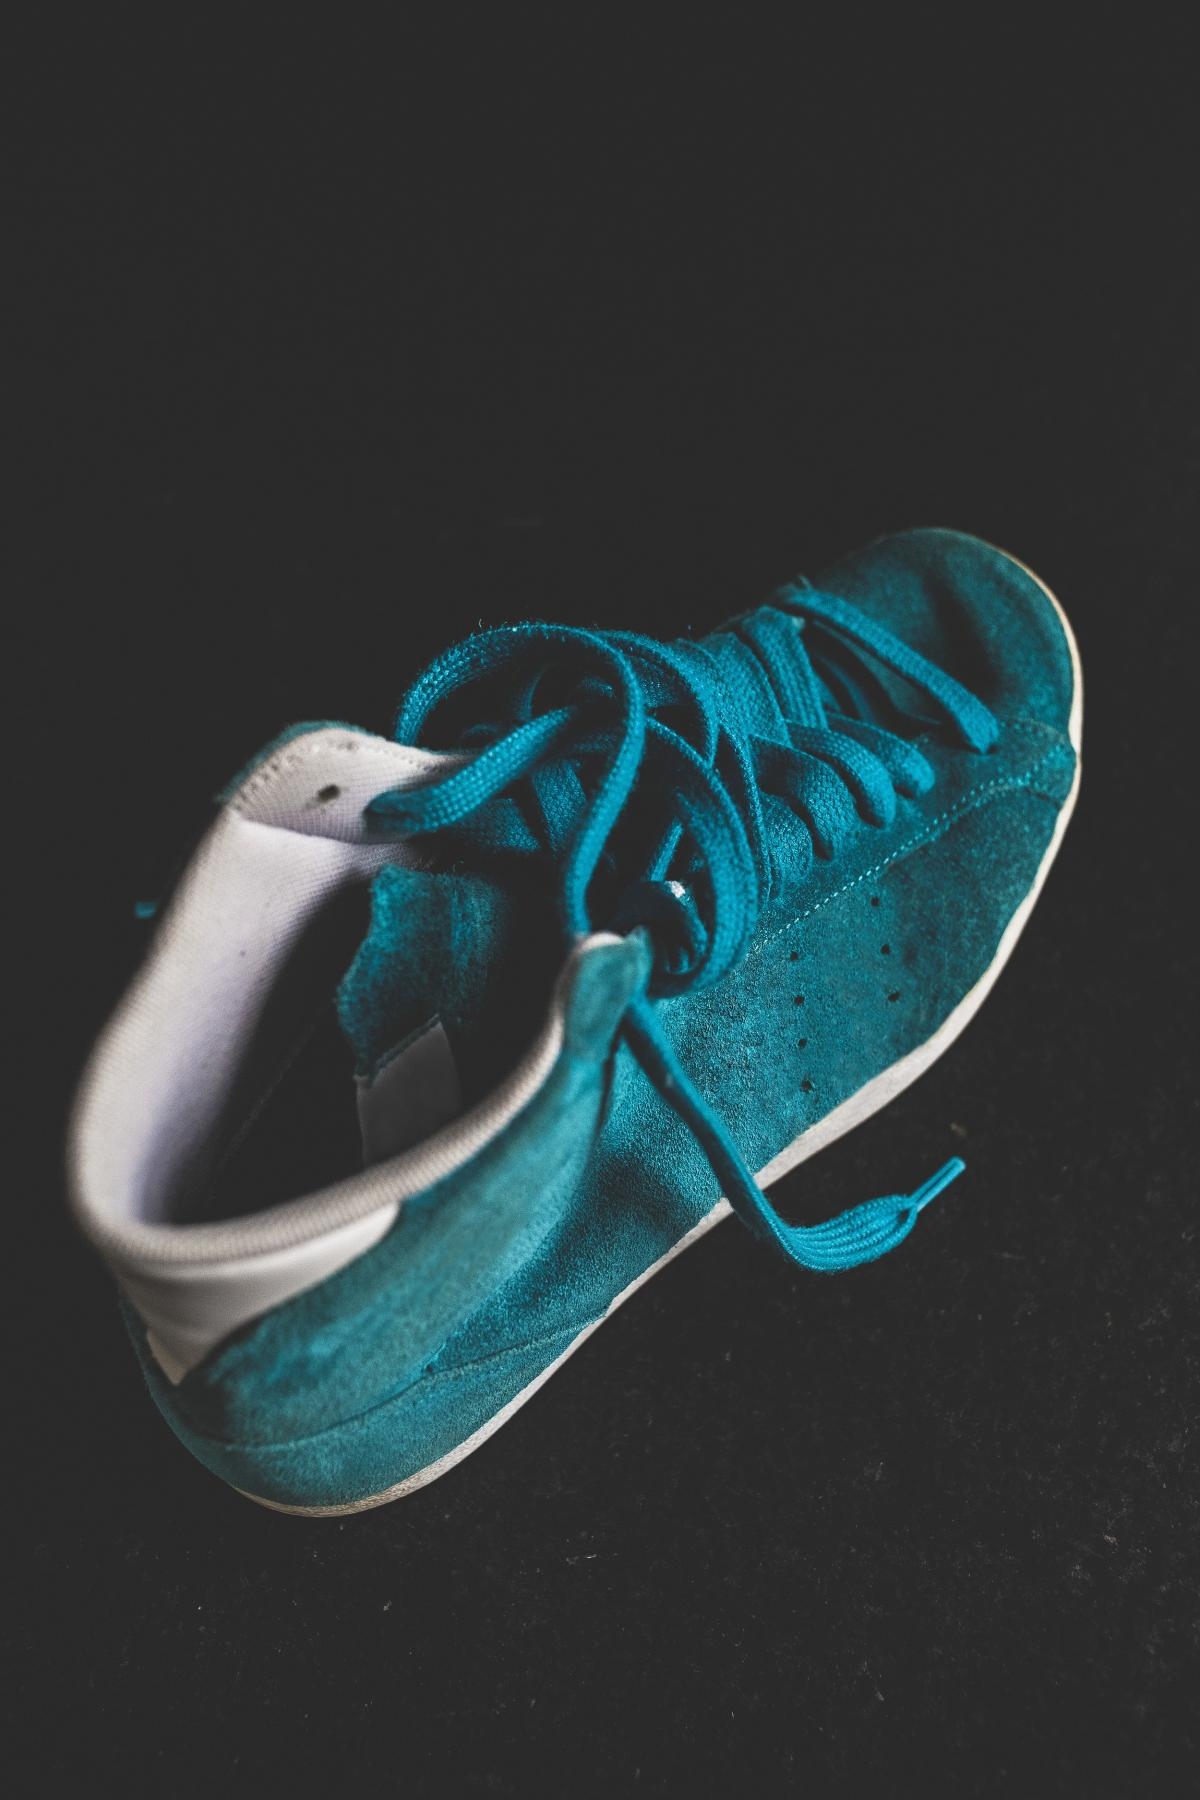 Closeup of a blue suede sneaker